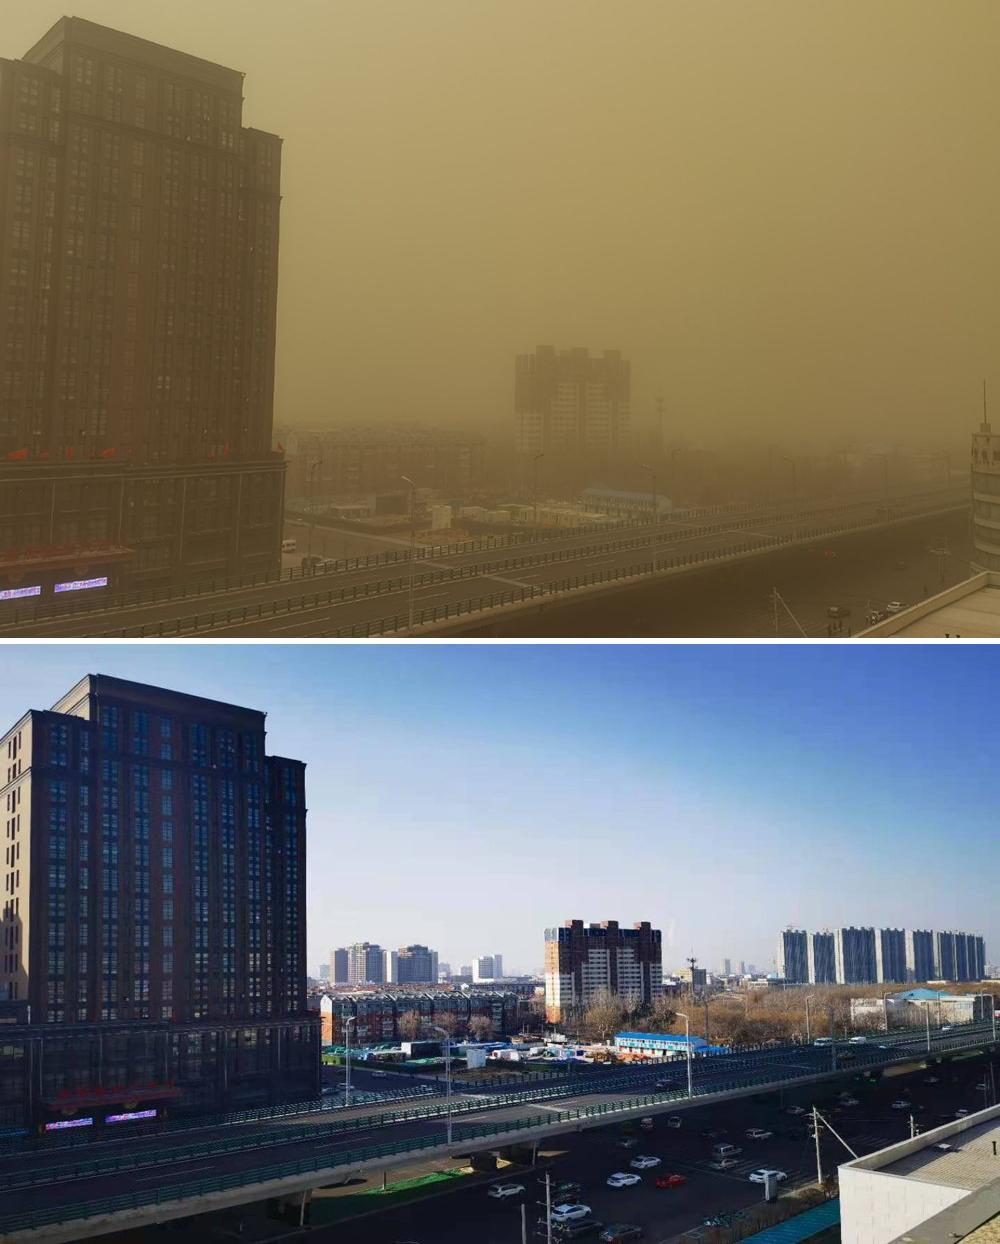 4月15日(上)和3月3日(下)拍摄的内蒙古呼和浩特市沙尘暴前后对比。@内蒙古天气 图